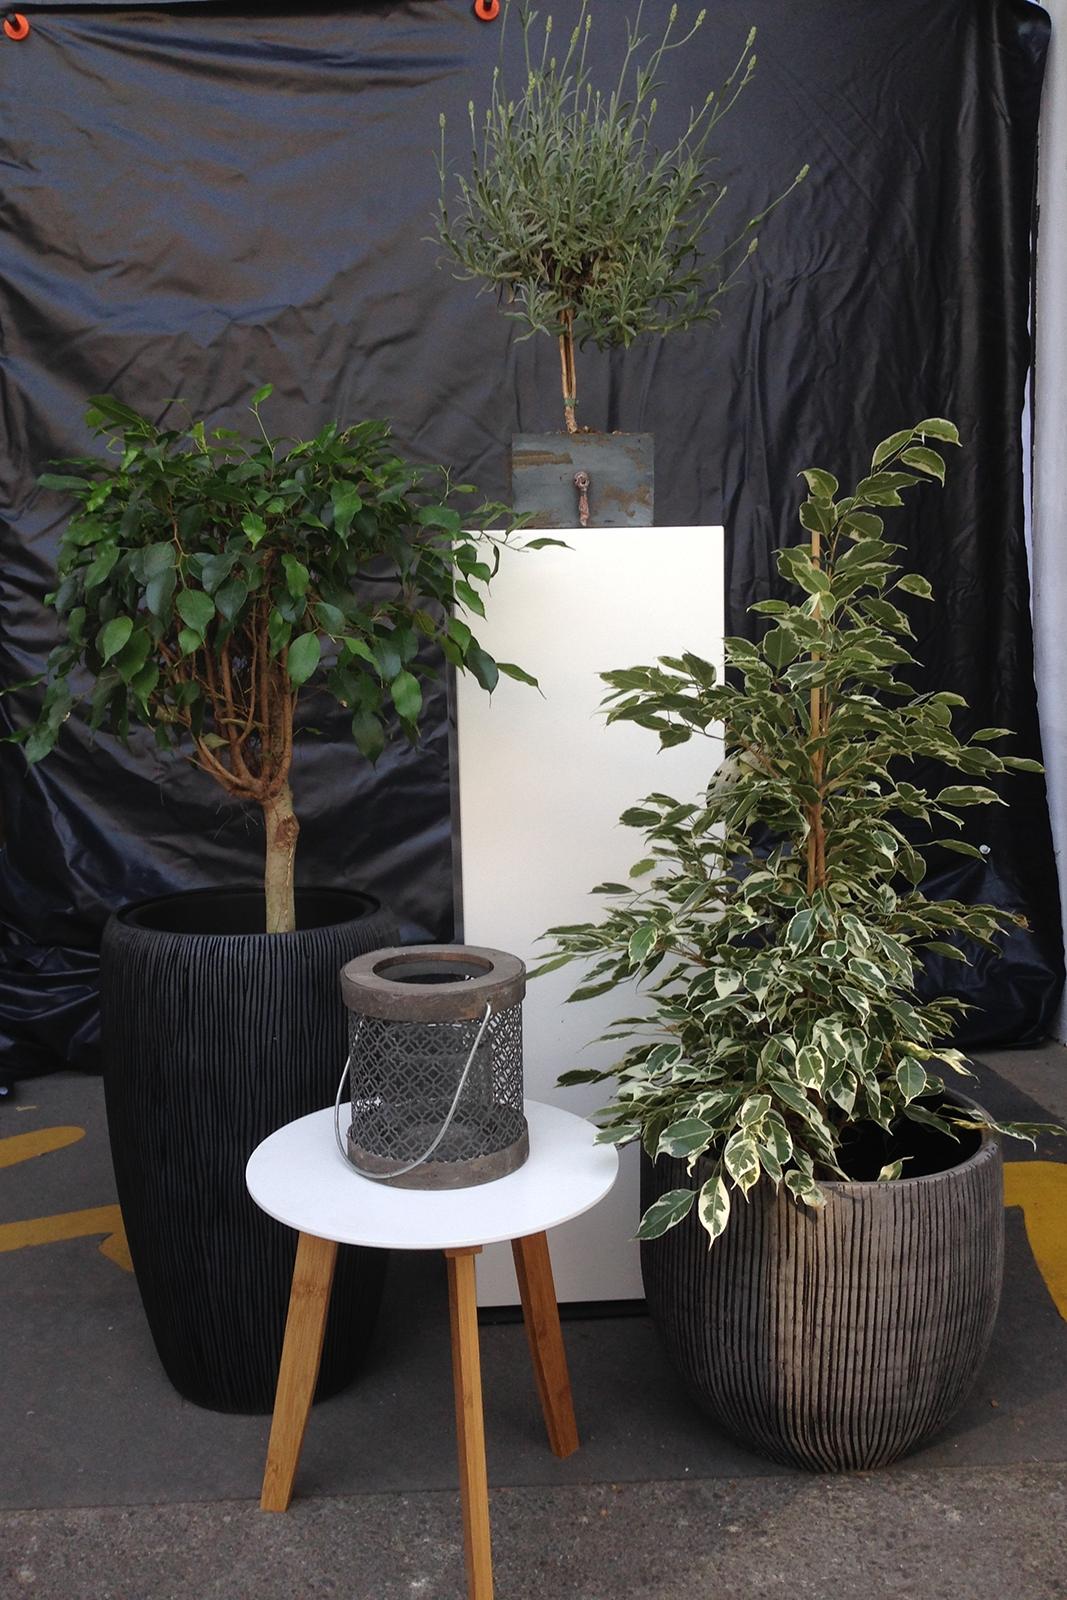 Blumentöpfe Steingut 094205 / Holzsäulen für Pflanzen etc. 094206